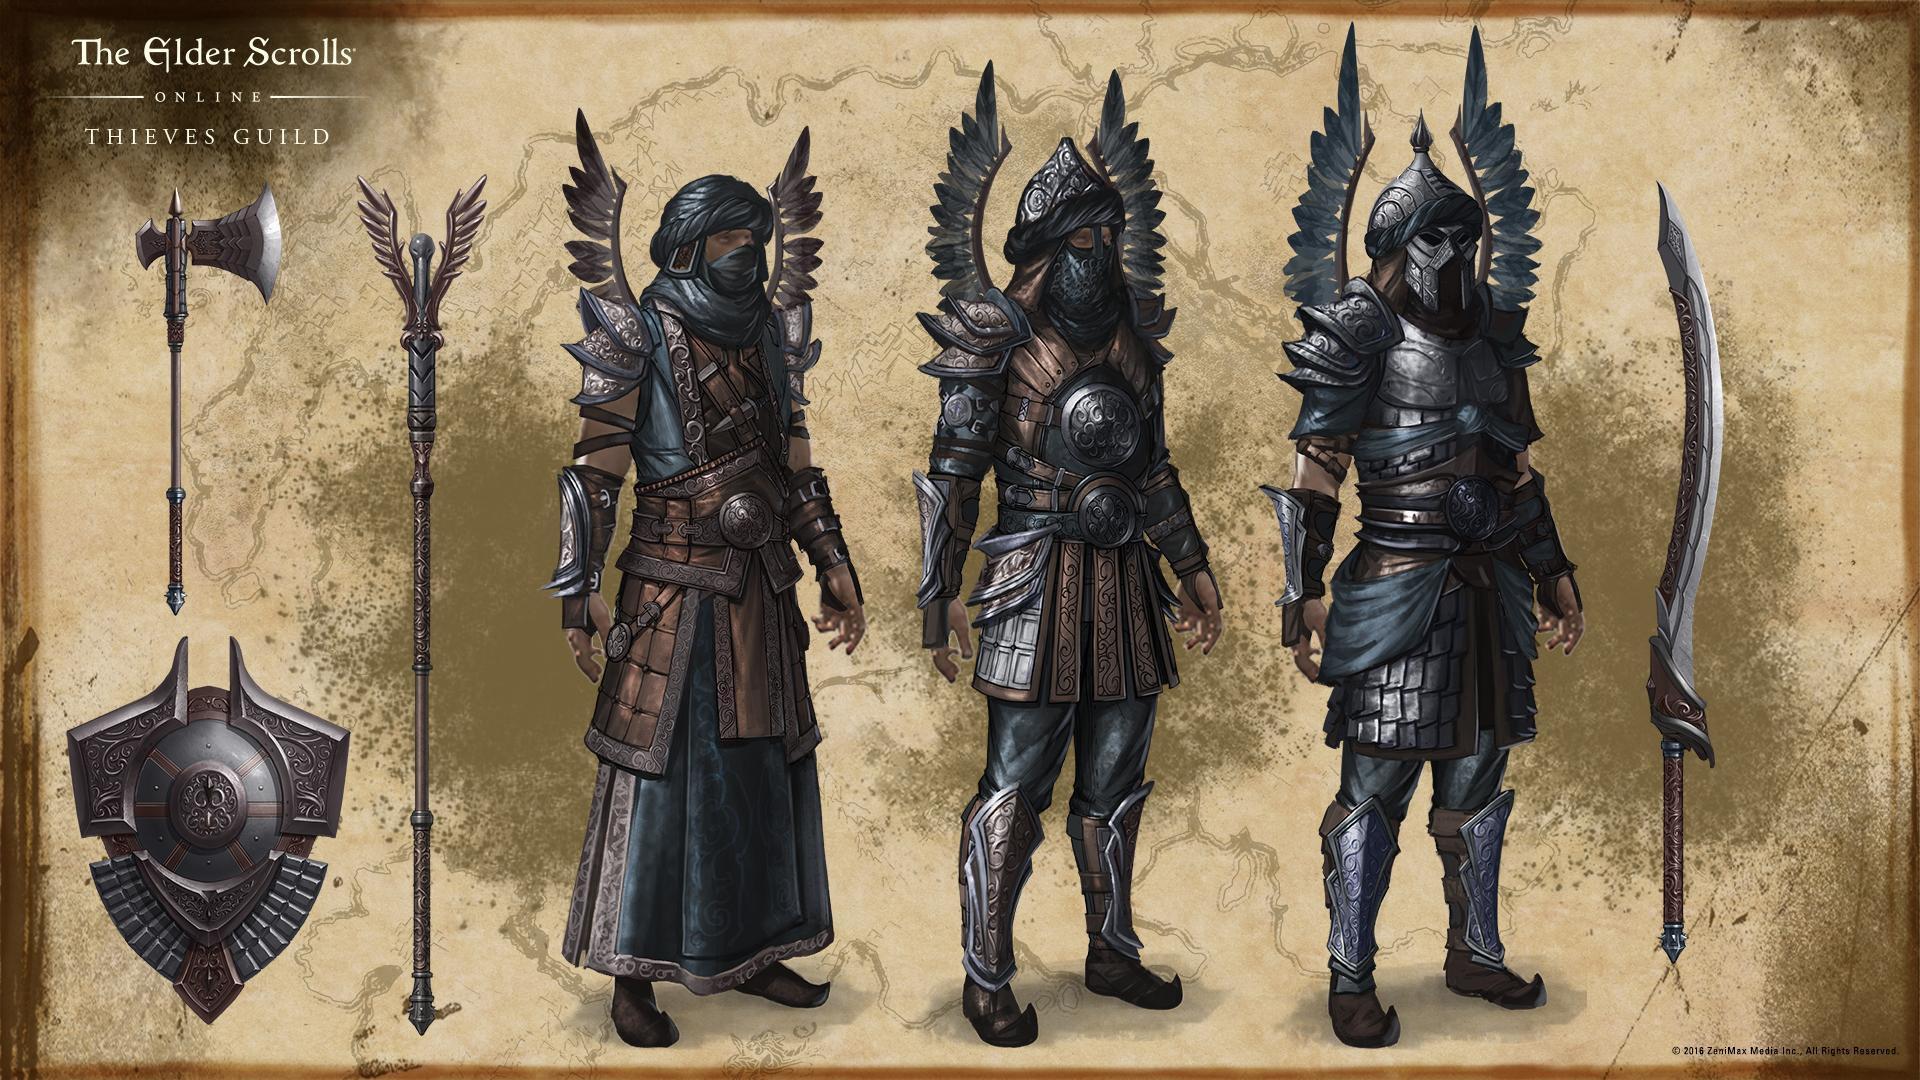 Eso Handwerk Stile  Concept Arts The Elder Scrolls line